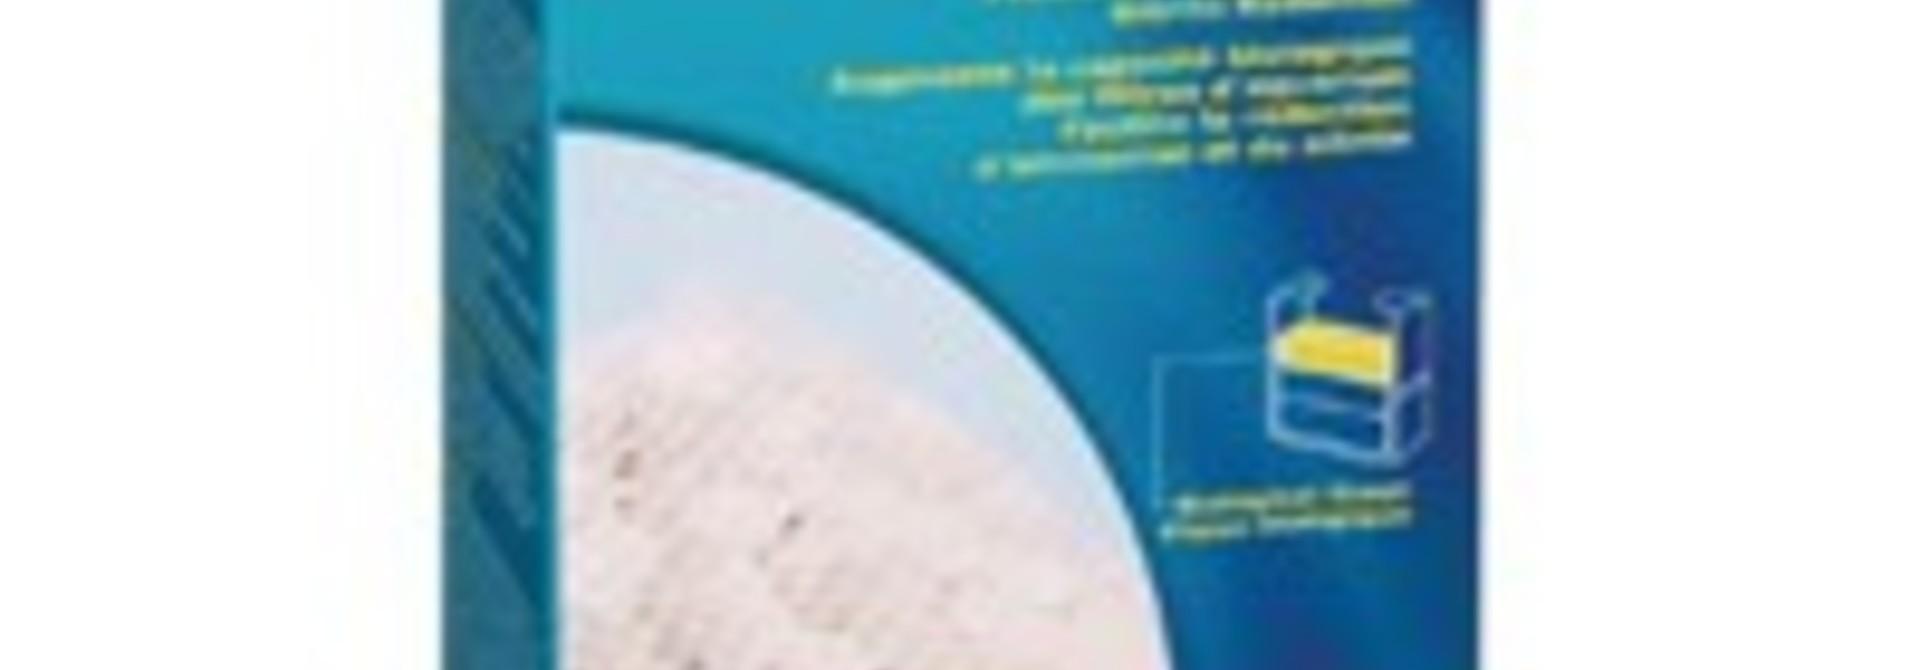 AquaClear 50 Bio-Max Insert, 125 g (4.4 oz)